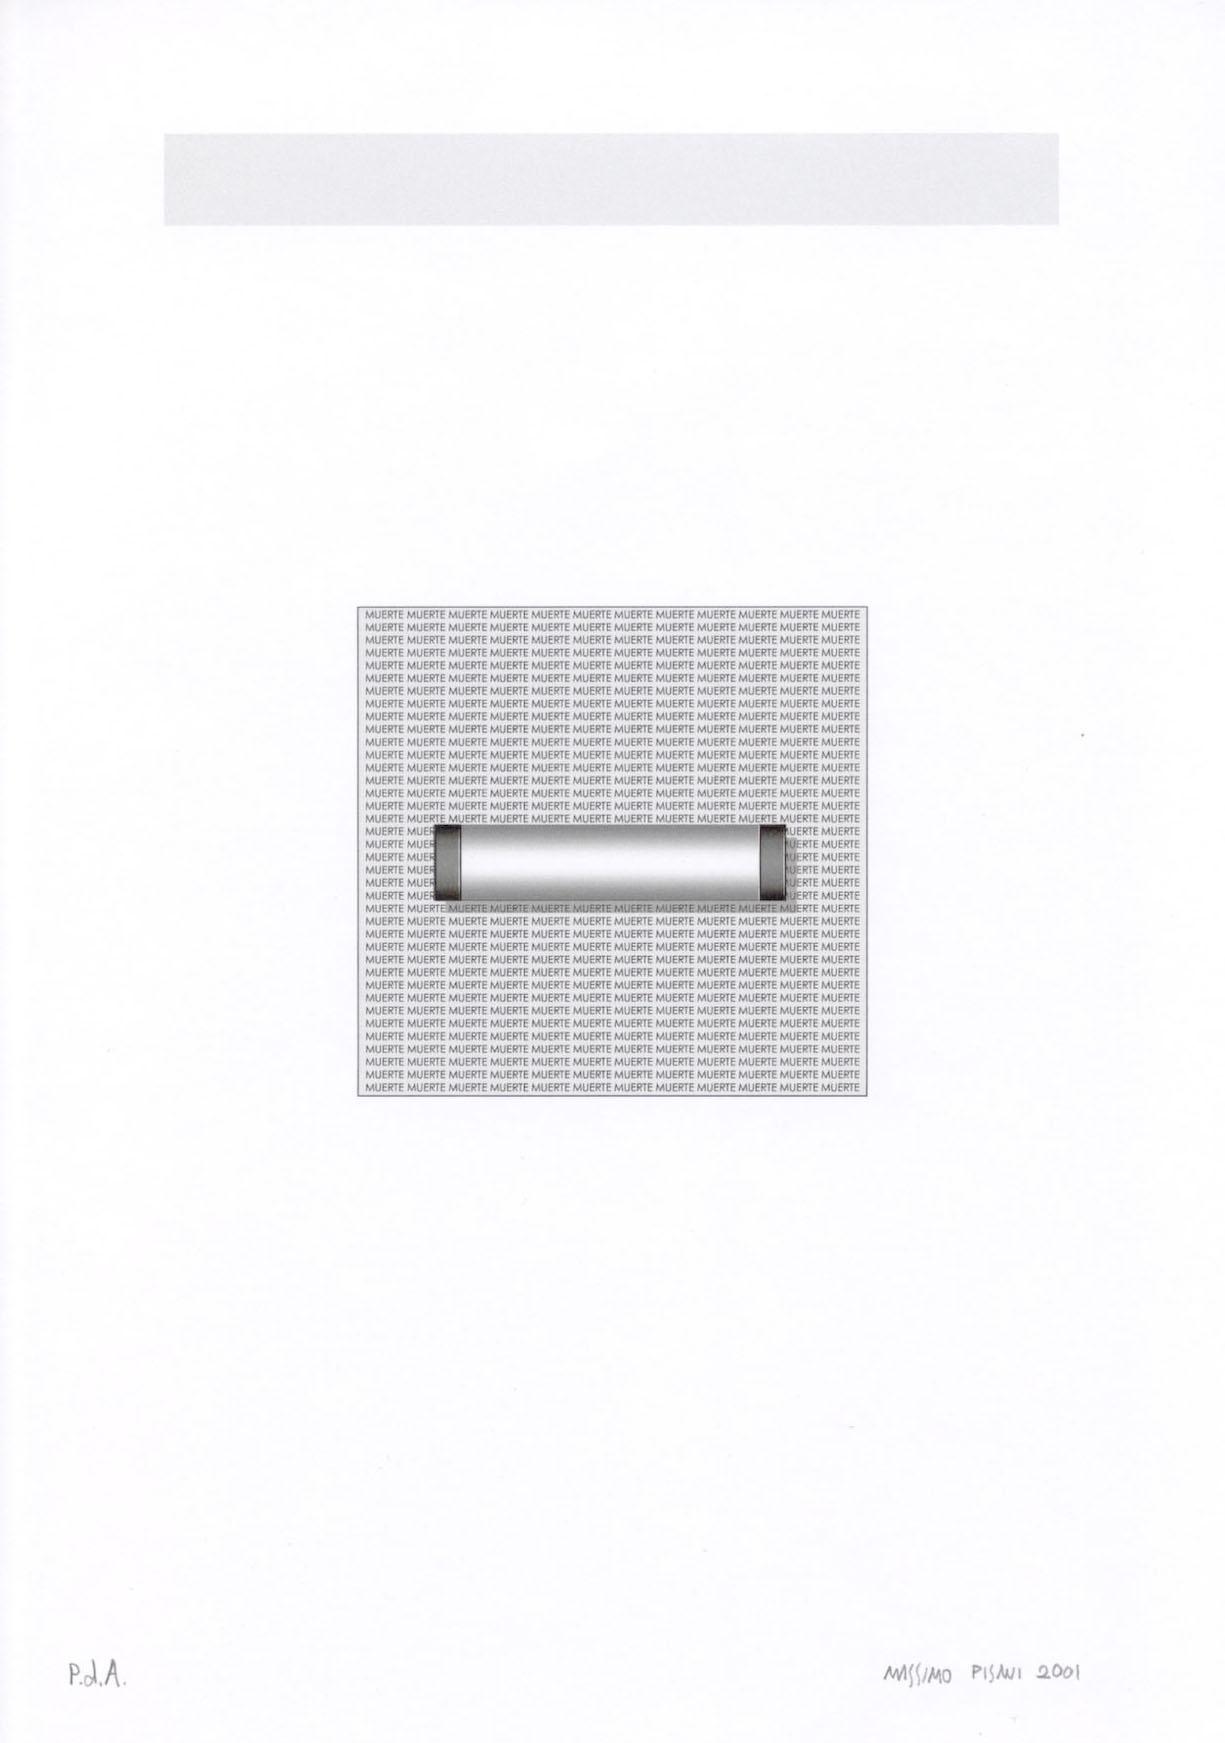 Ilustraciónes para la publicación Pulcino elefante cm.21x29,7 -2002- 25